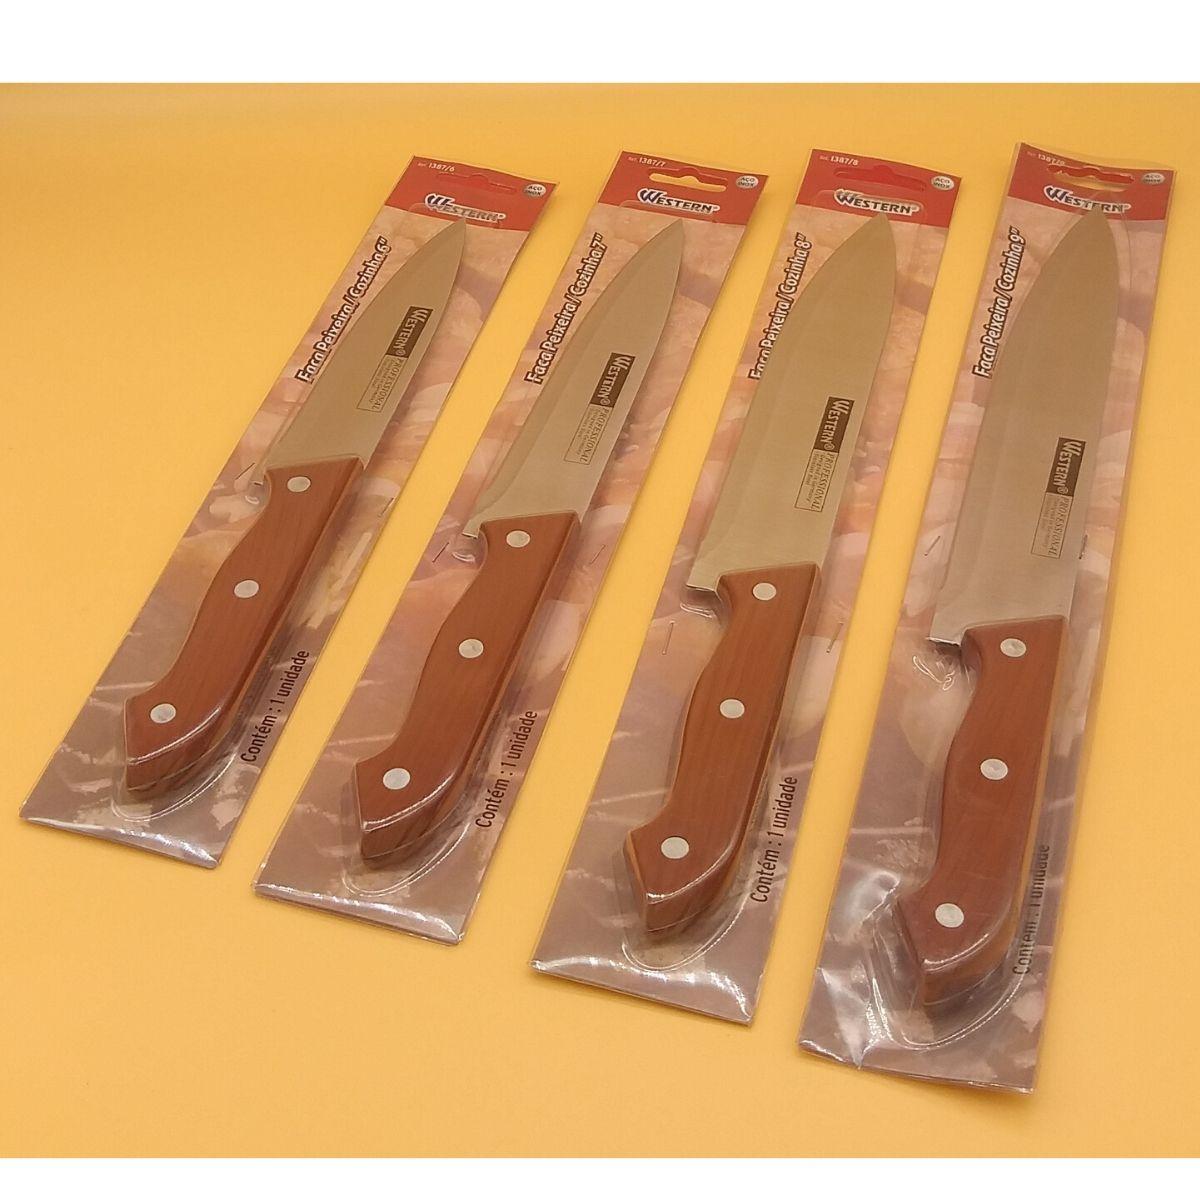 Kit com 4 Facas Western Peixeira / Cozinha